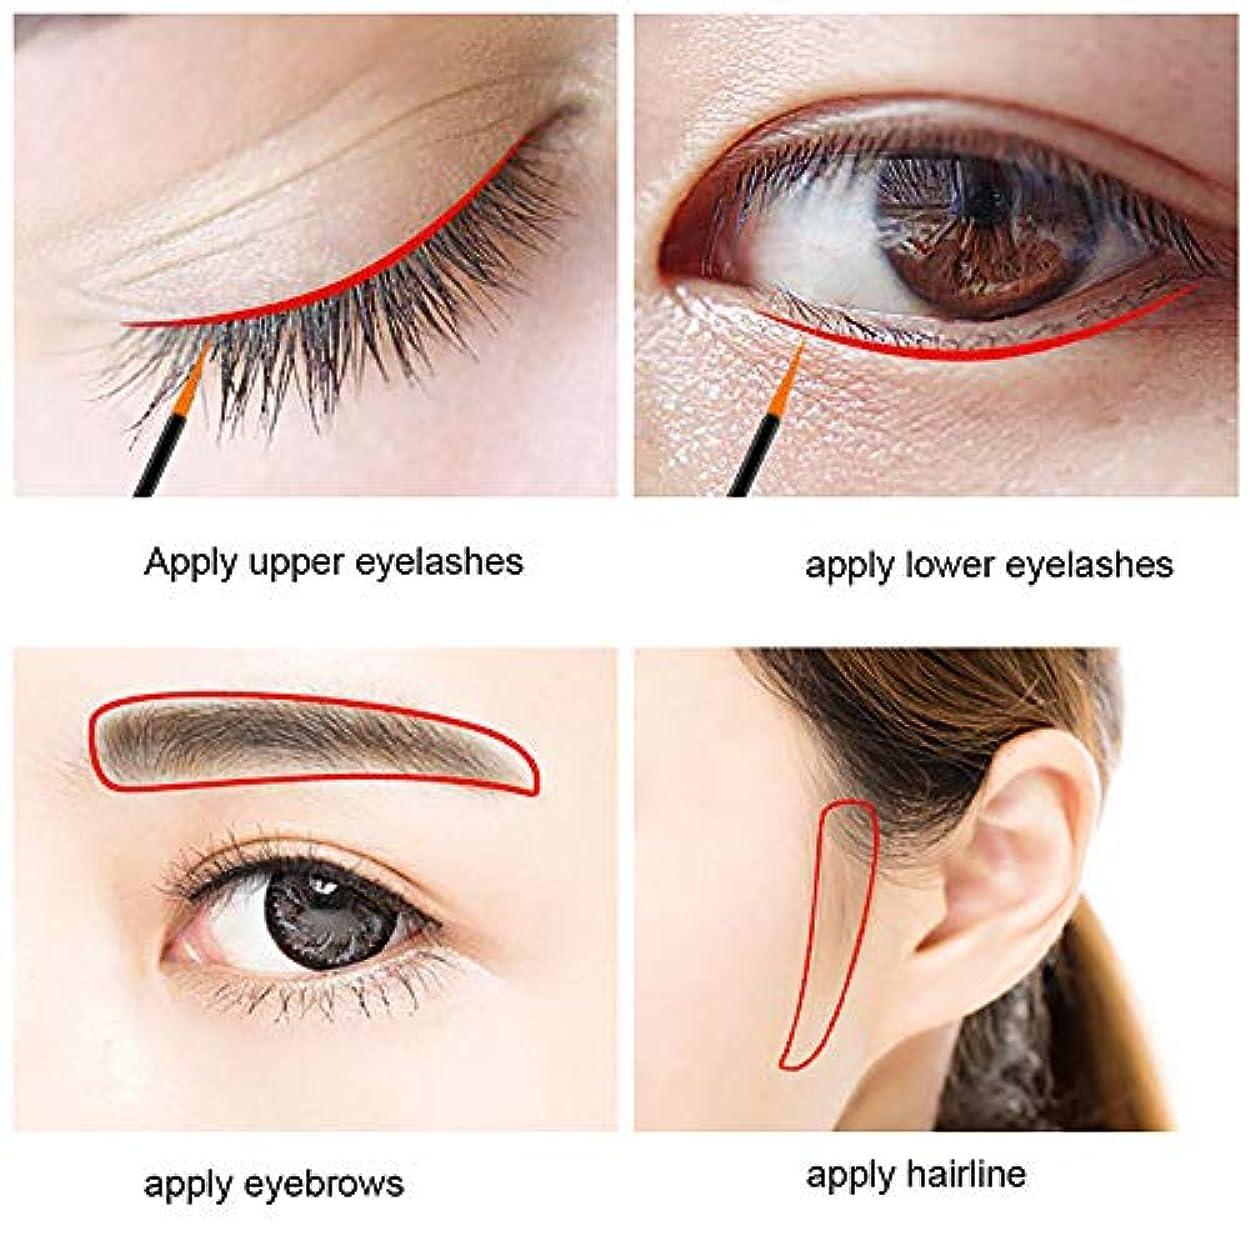 スキャン違反するから眉毛まつげ速い急速な成長の液体エンハンサー栄養液栄養